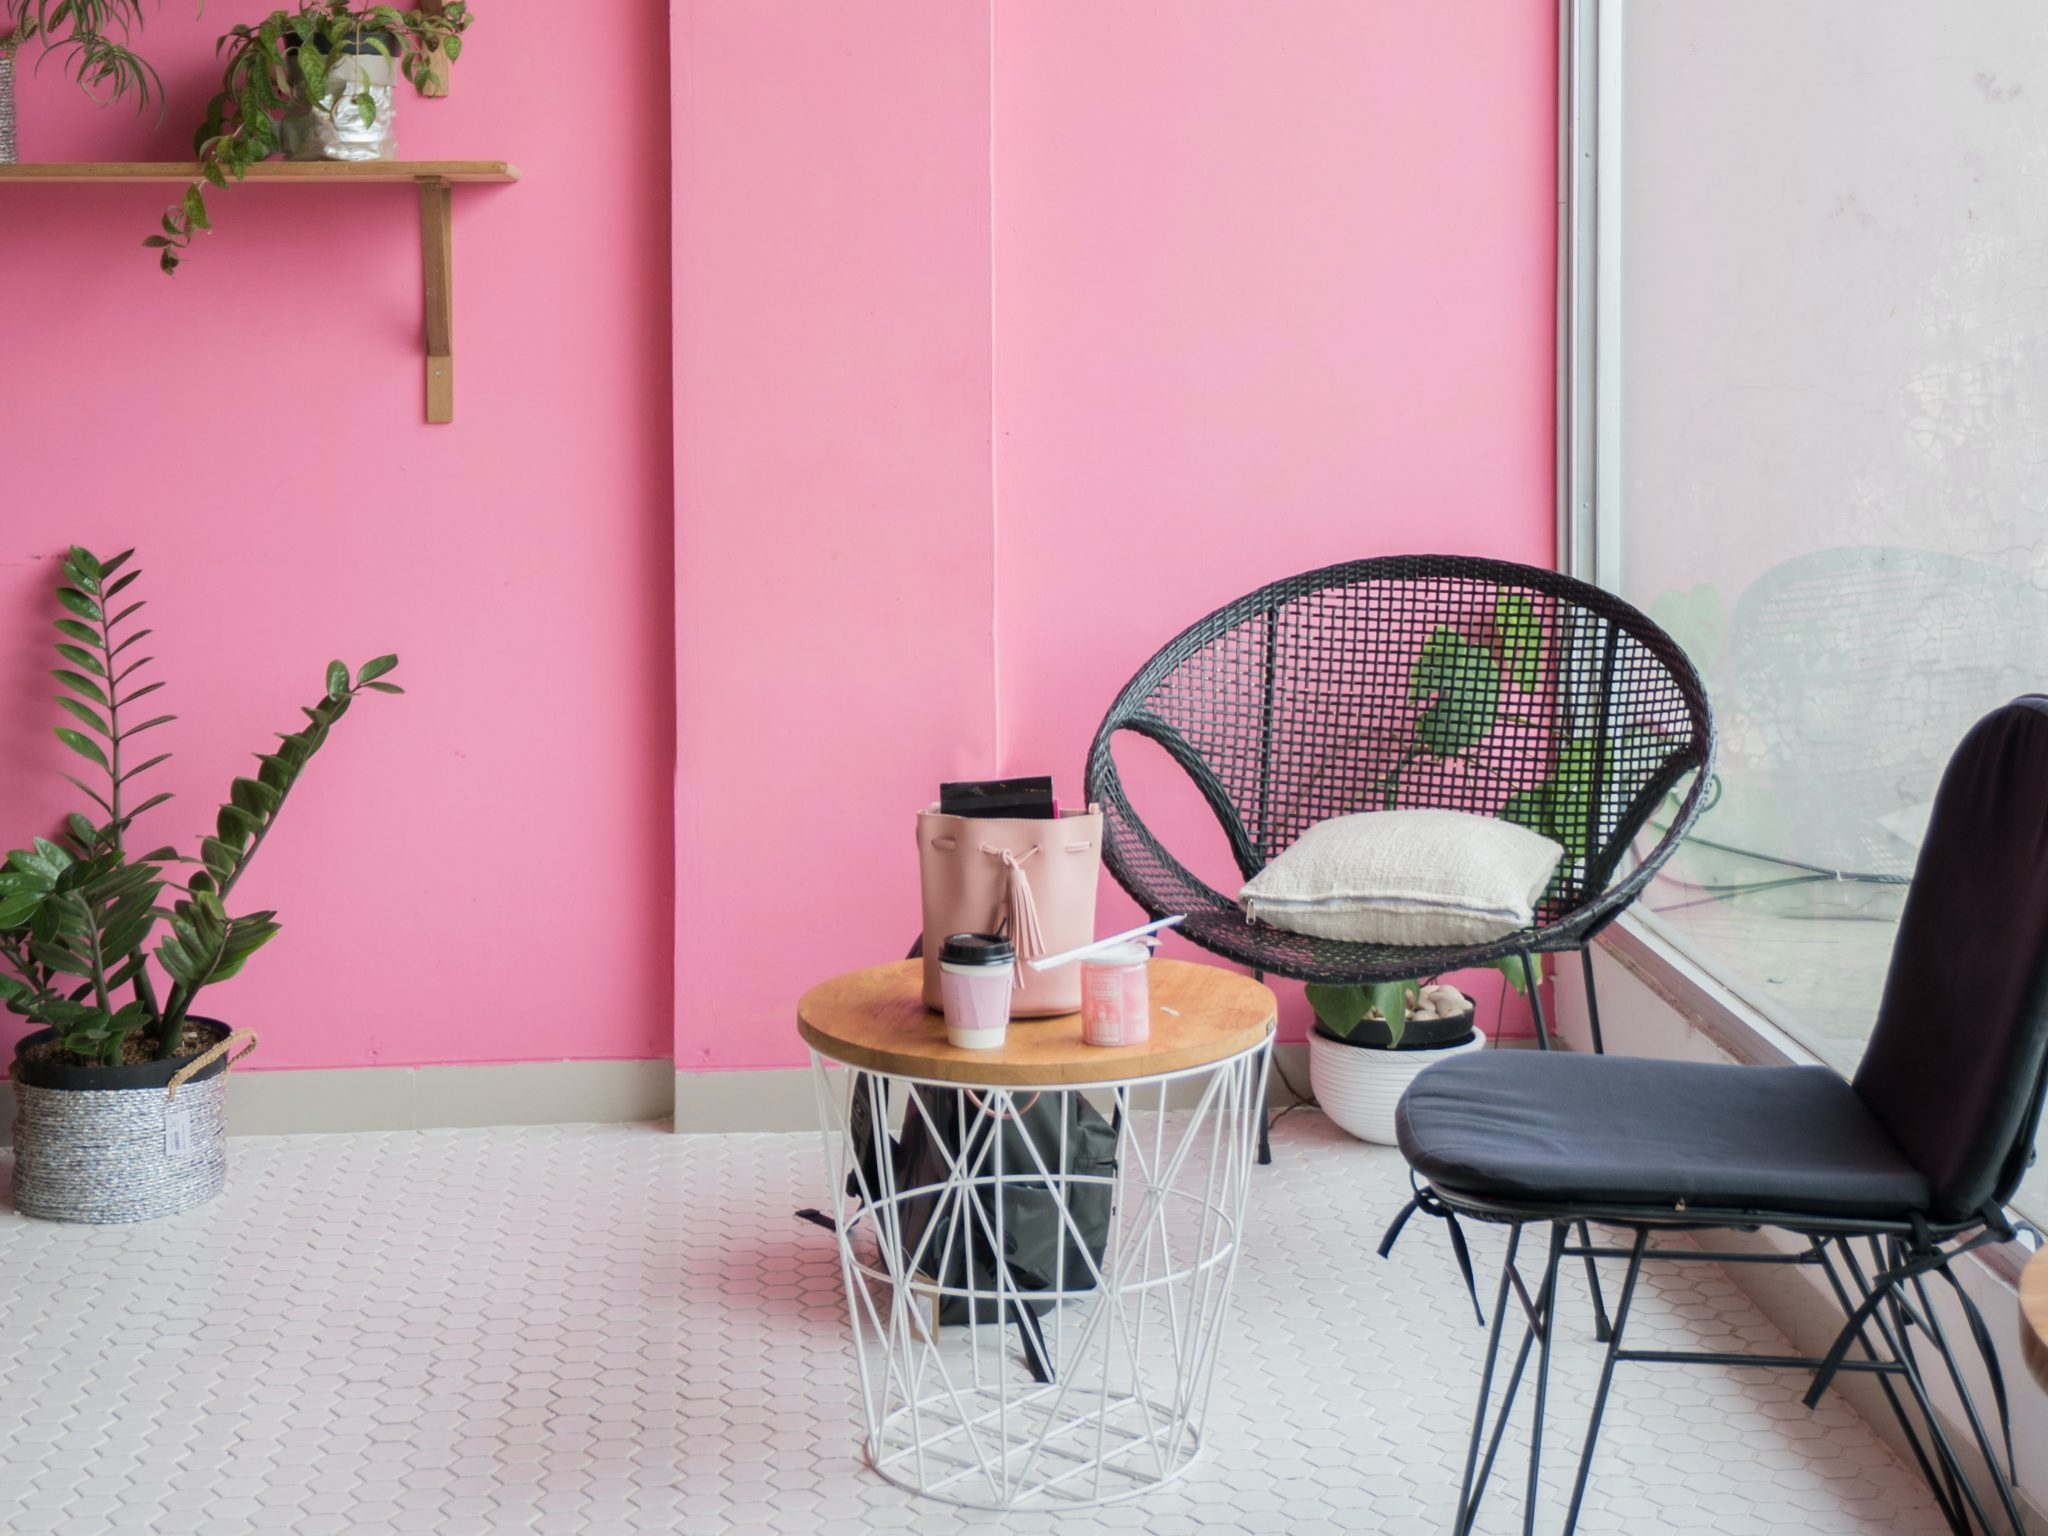 diseño de interiores con habitación de color rosa y muebles en negro